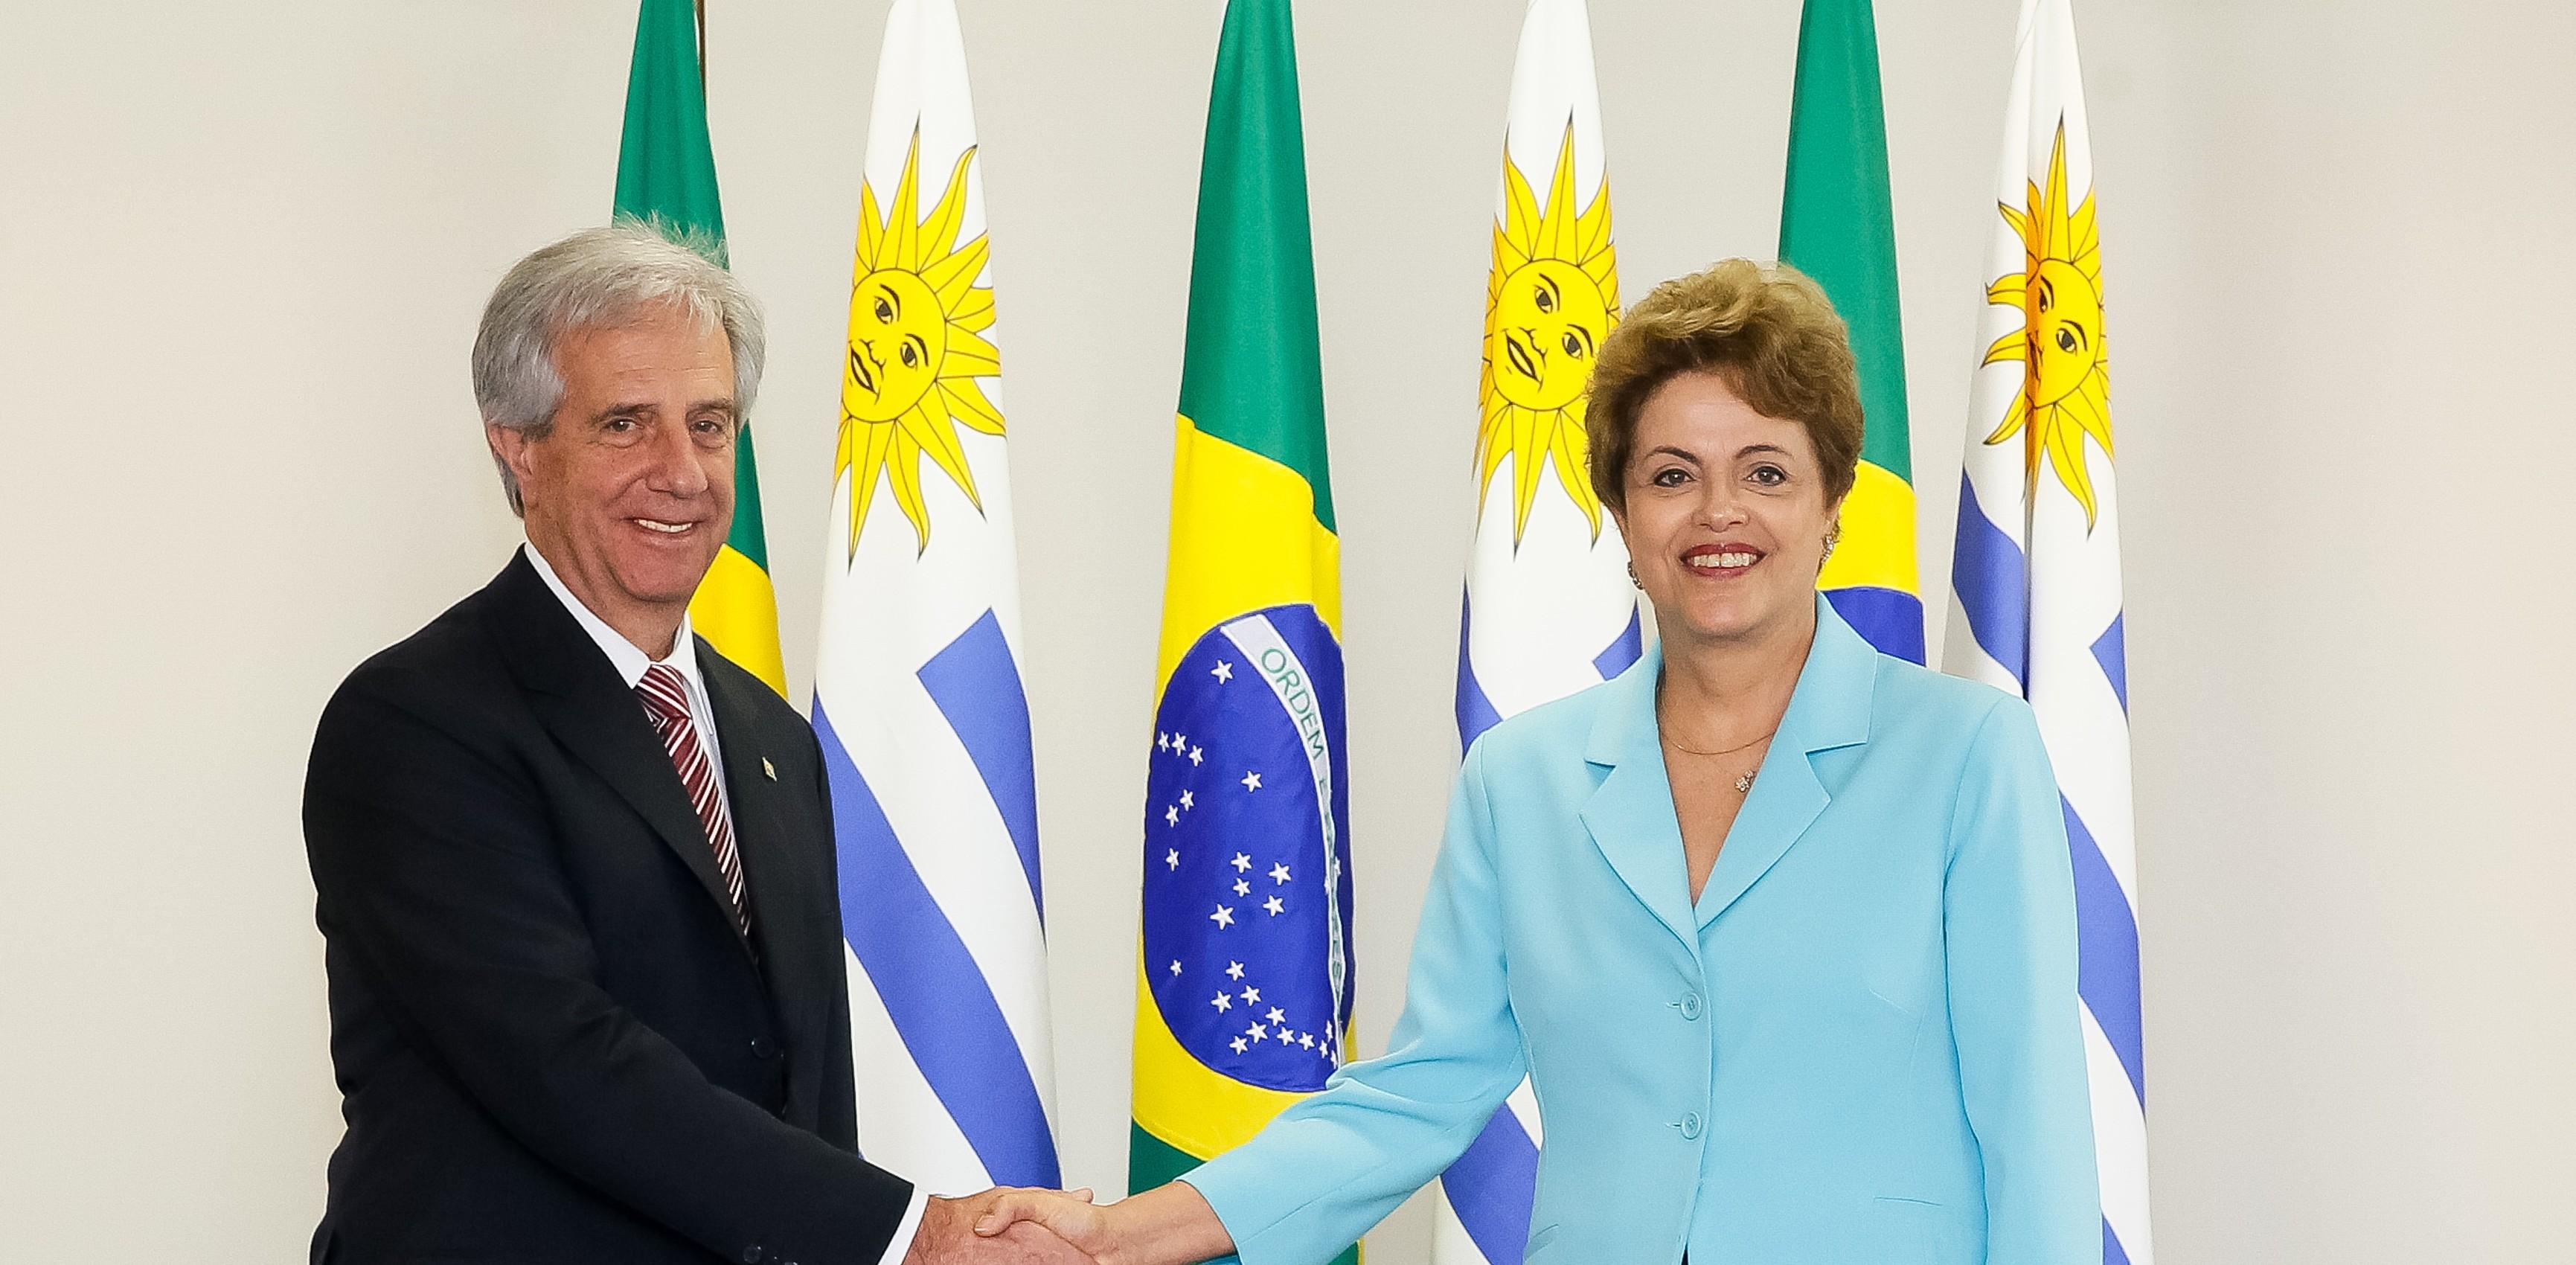 Vázquez y Rousseff: Iniciativa para replantear el Mercosur